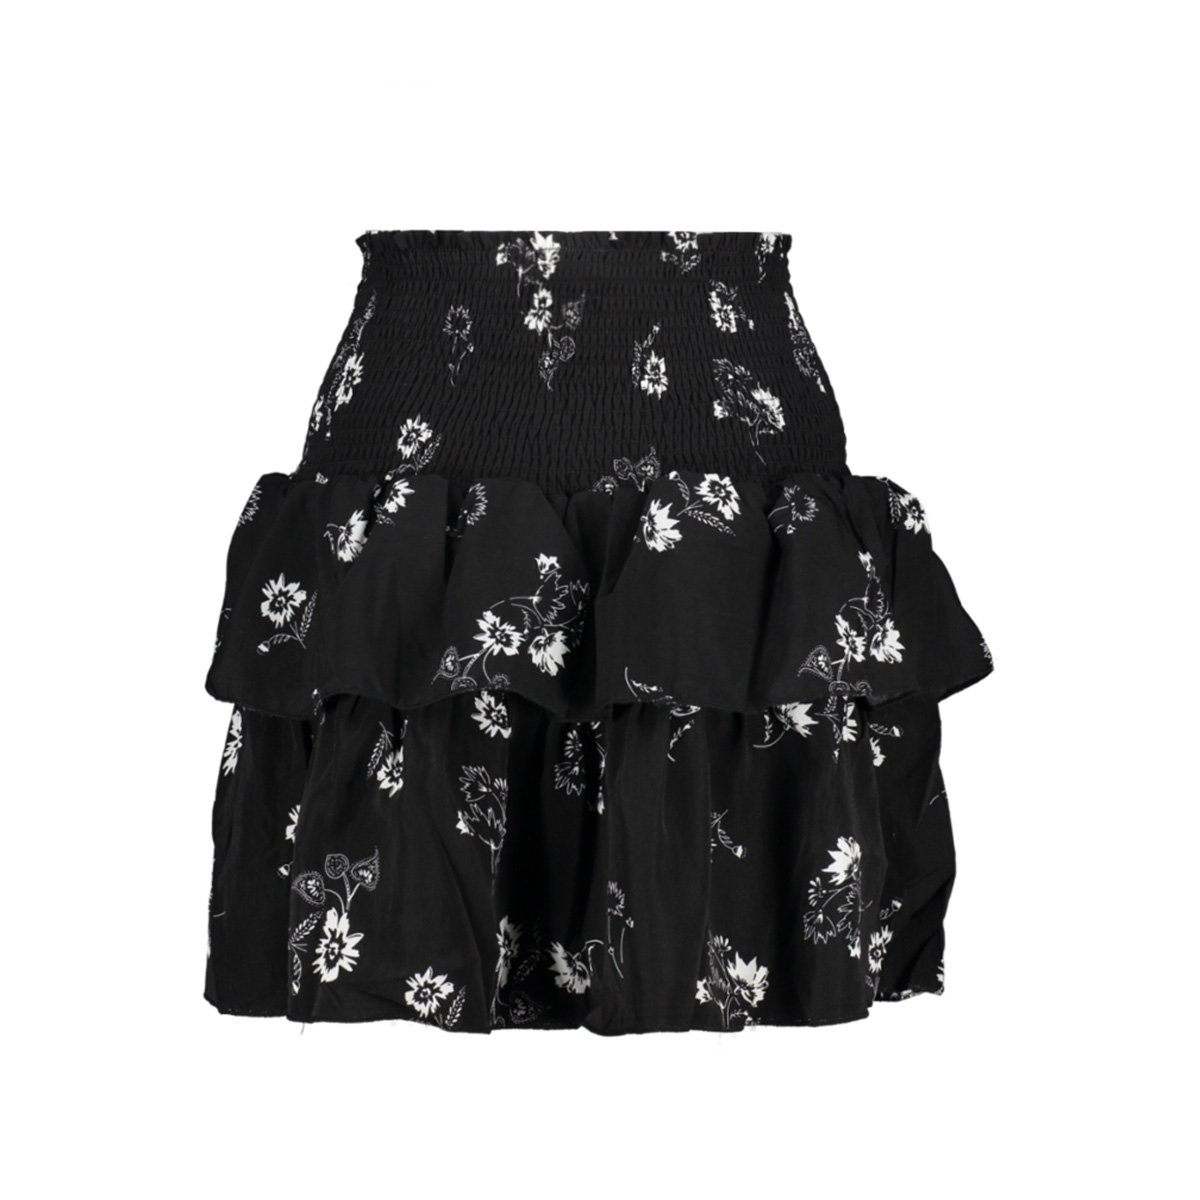 mc32 skirt pascalle lofty manner rok black